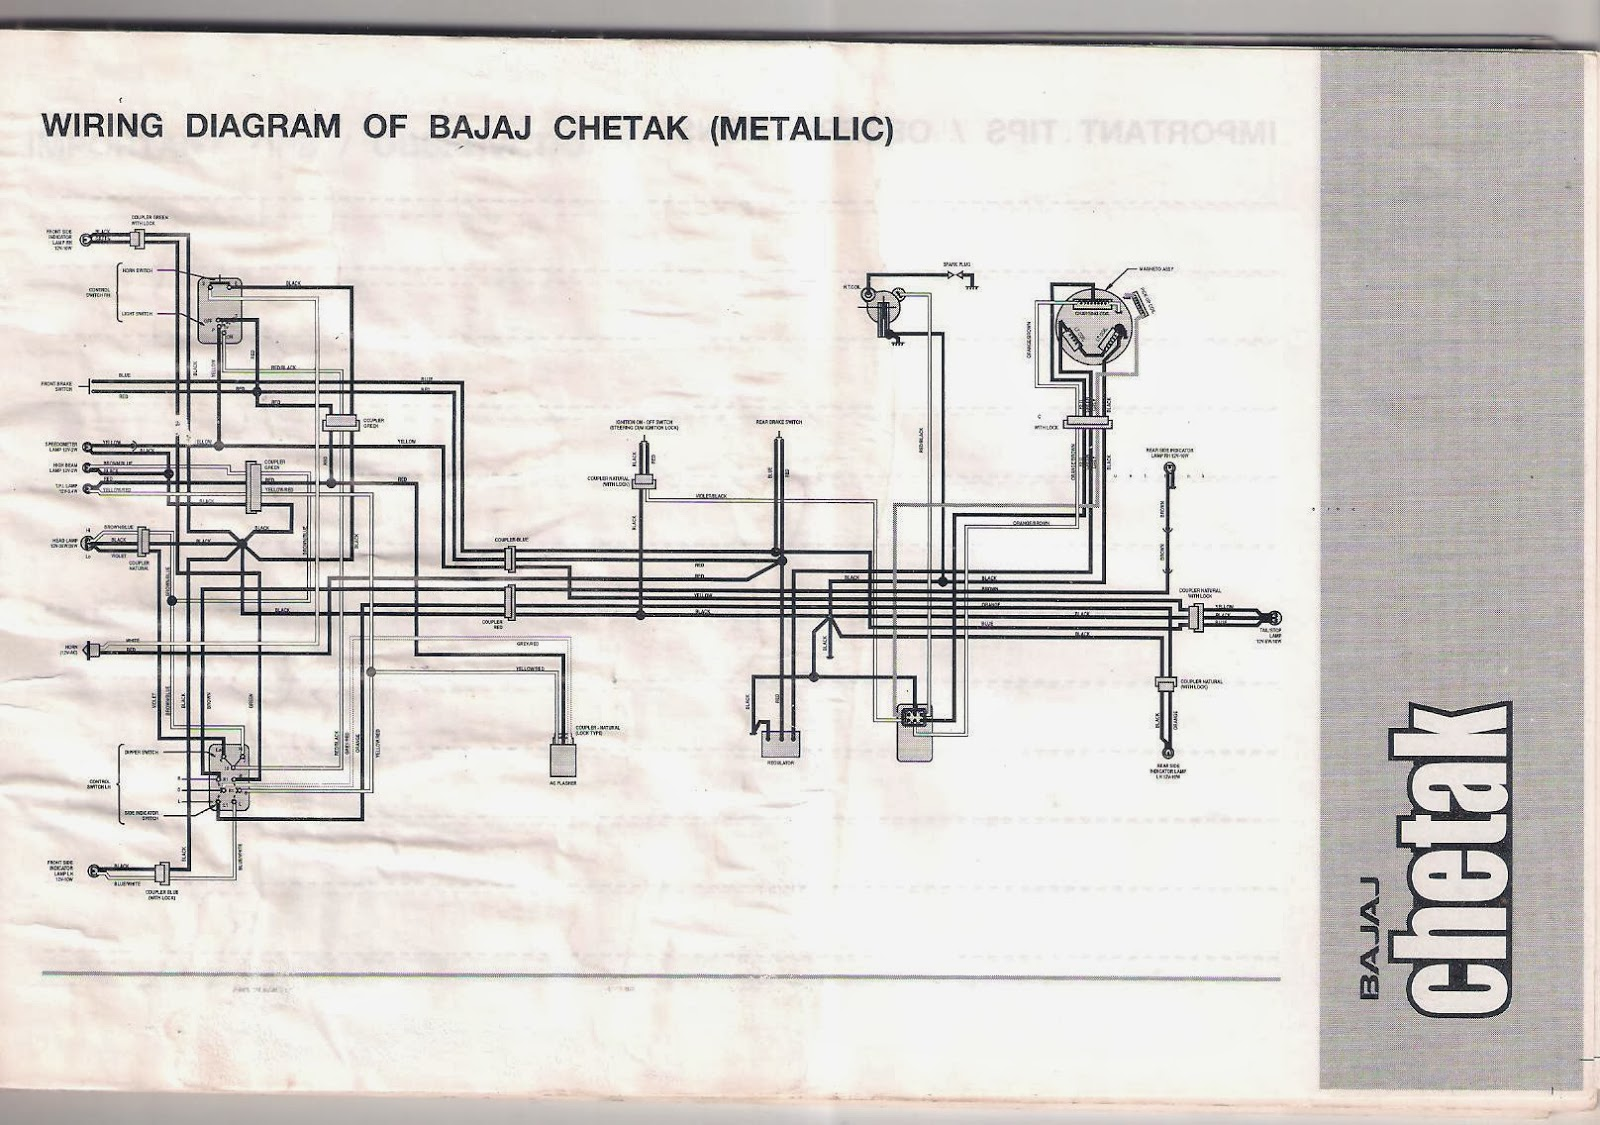 wrg 8579 bajaj chetak wiring diagram bajaj chetak 2005 model owners manual [ 1600 x 1125 Pixel ]